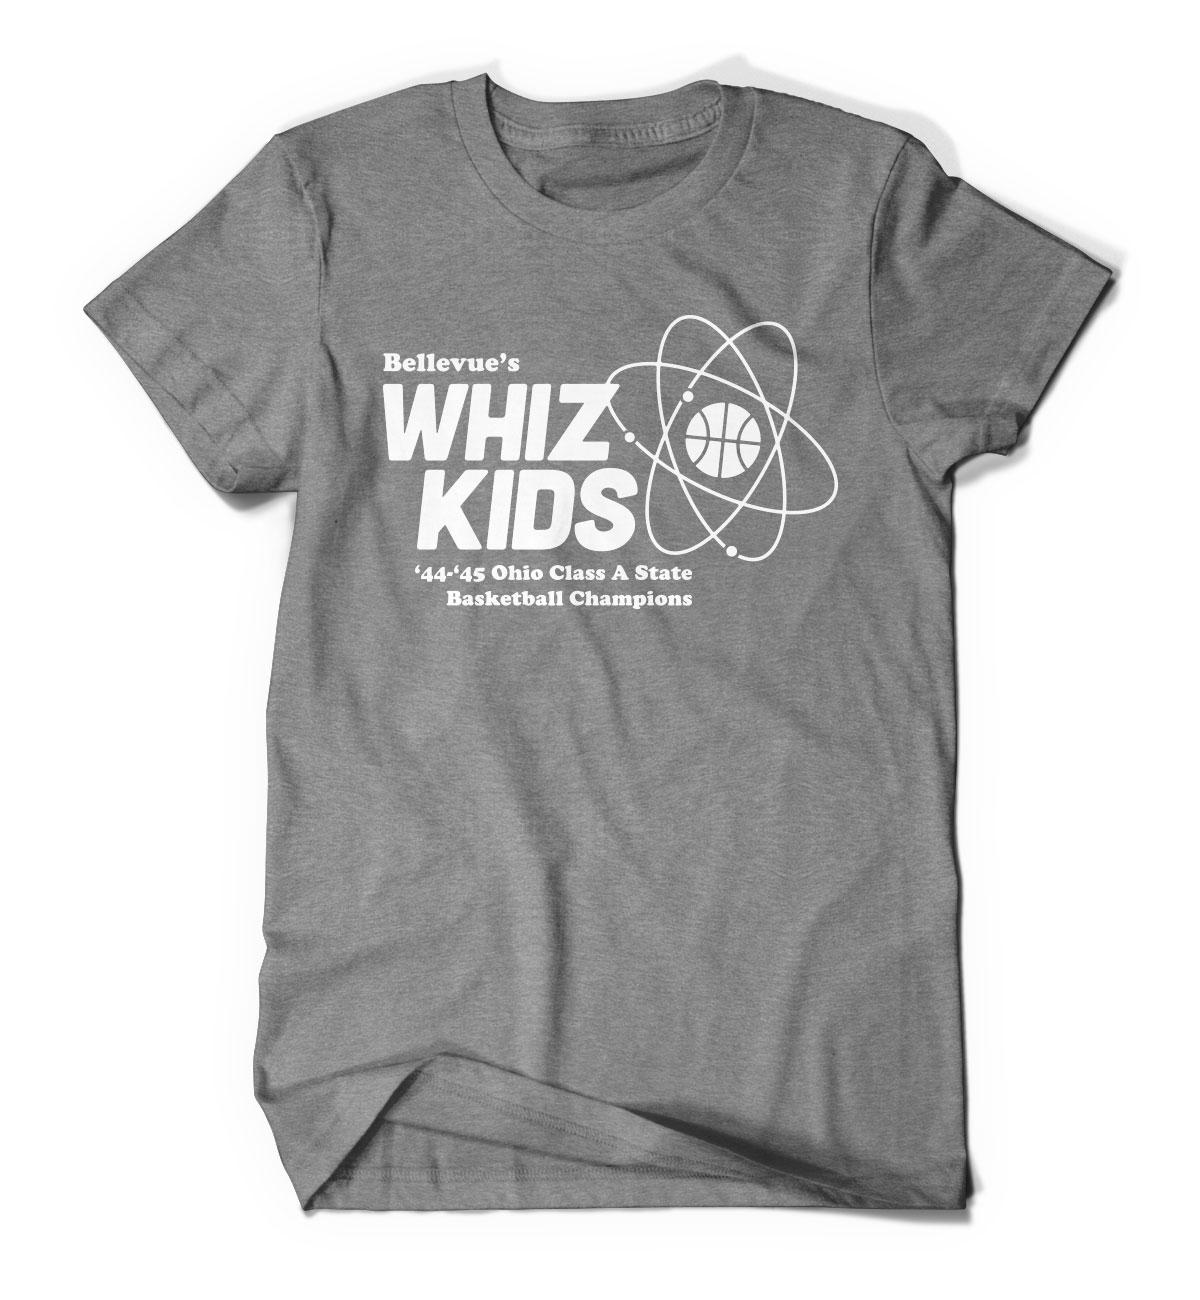 5e48ce52 Bellevue's Whiz Kids Tshirt on Storenvy